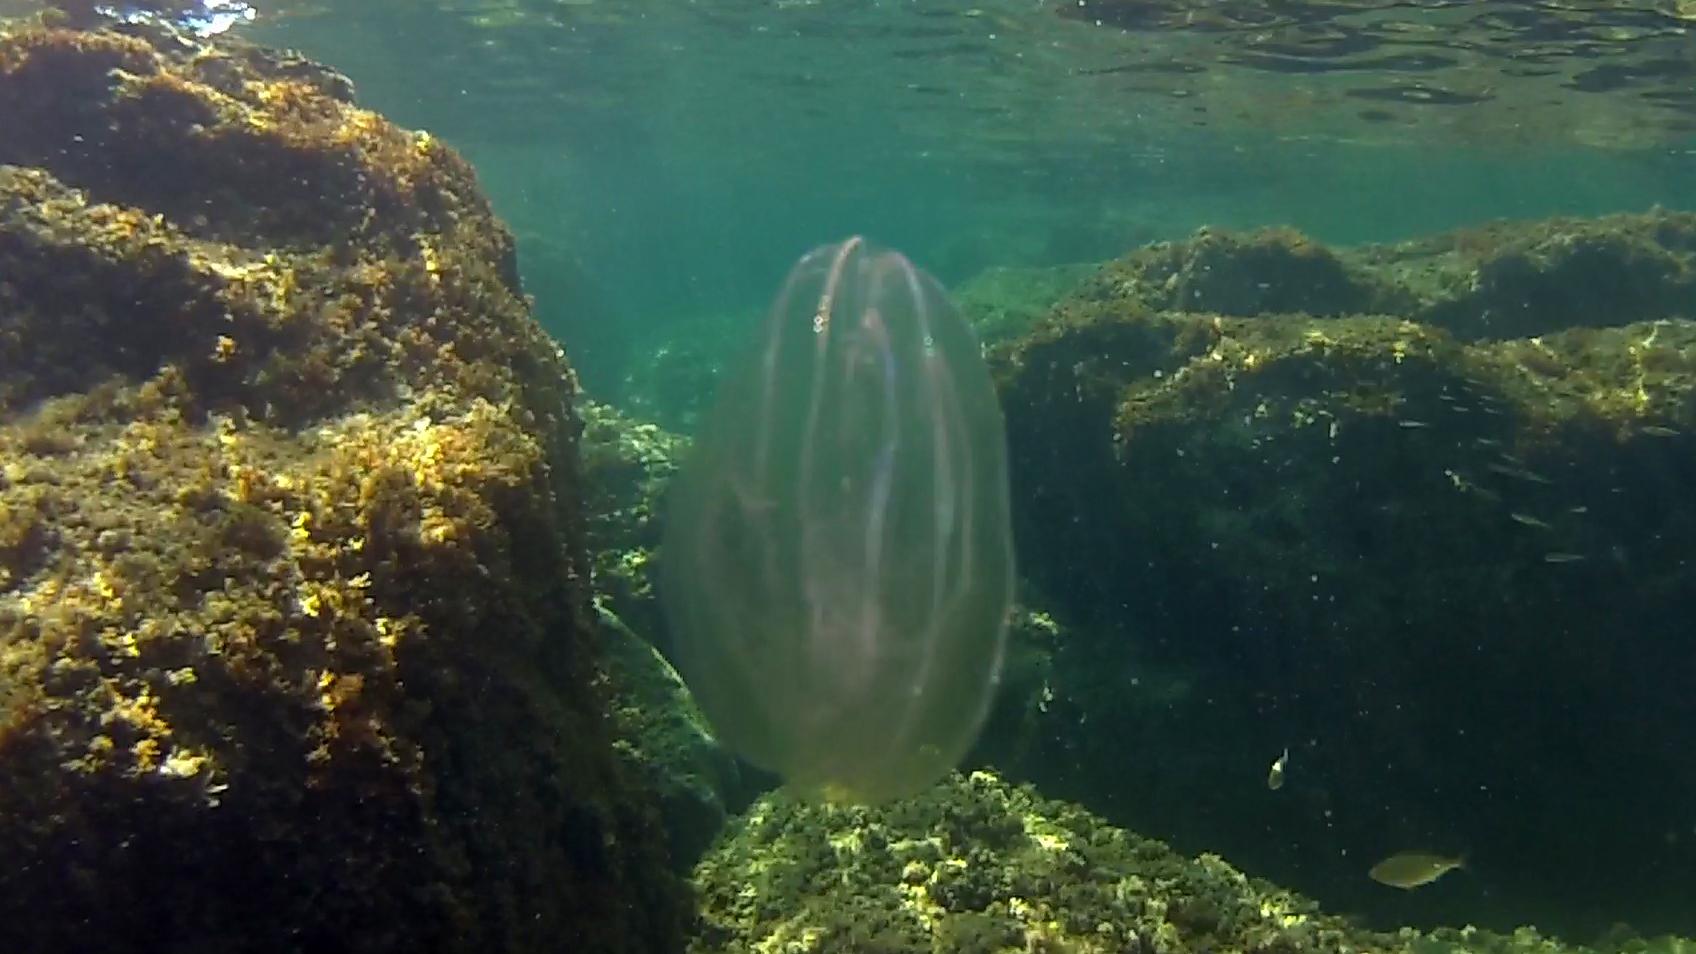 Ctenophora - Mnemiopsis leidyi - Sea Walnut - Noce di Mare - intotheblue.it